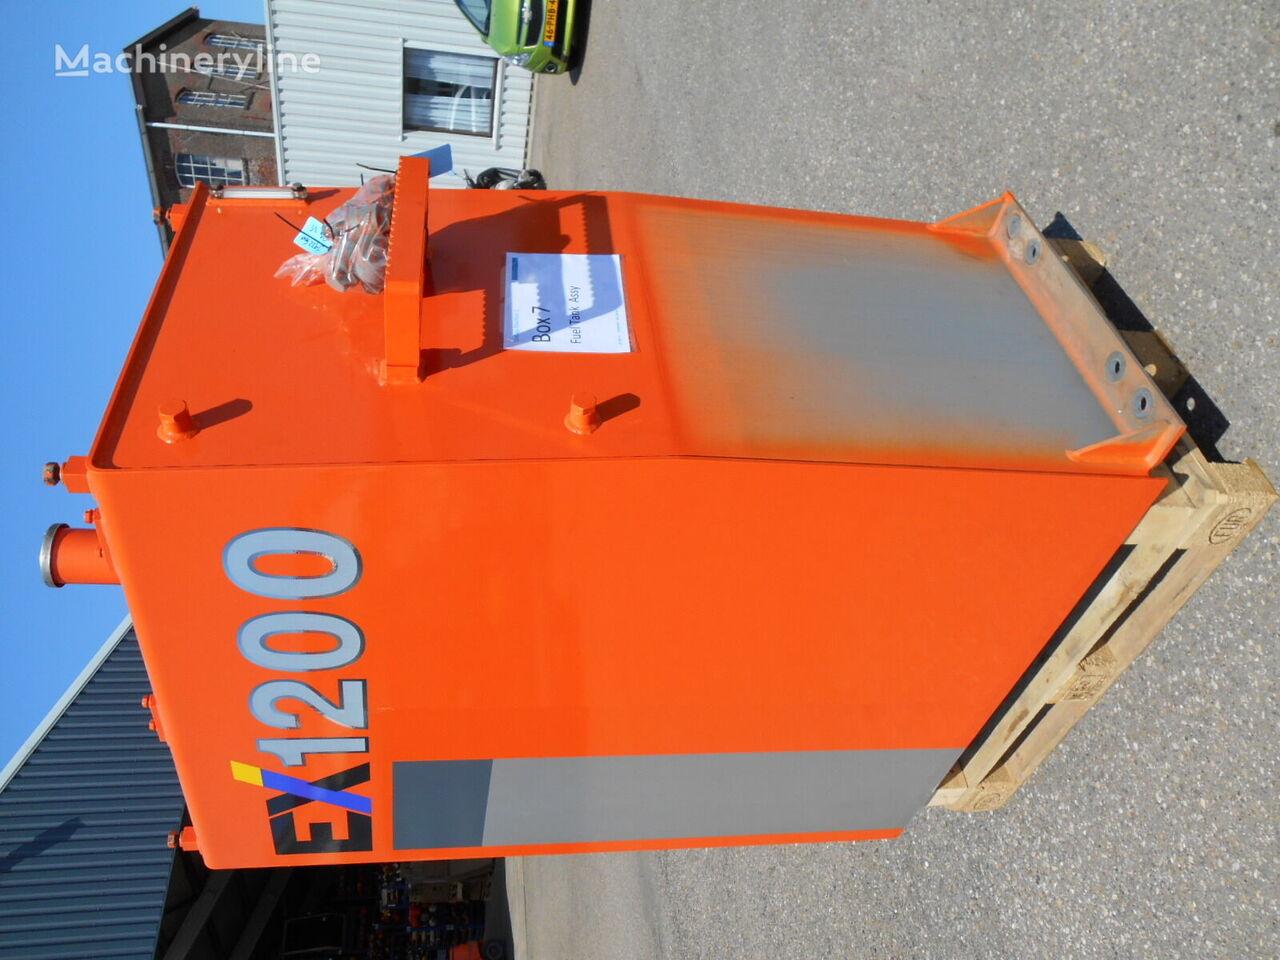 réservoir de carburant HITACHI pour excavateur HITACHI EX1200-6 neuf